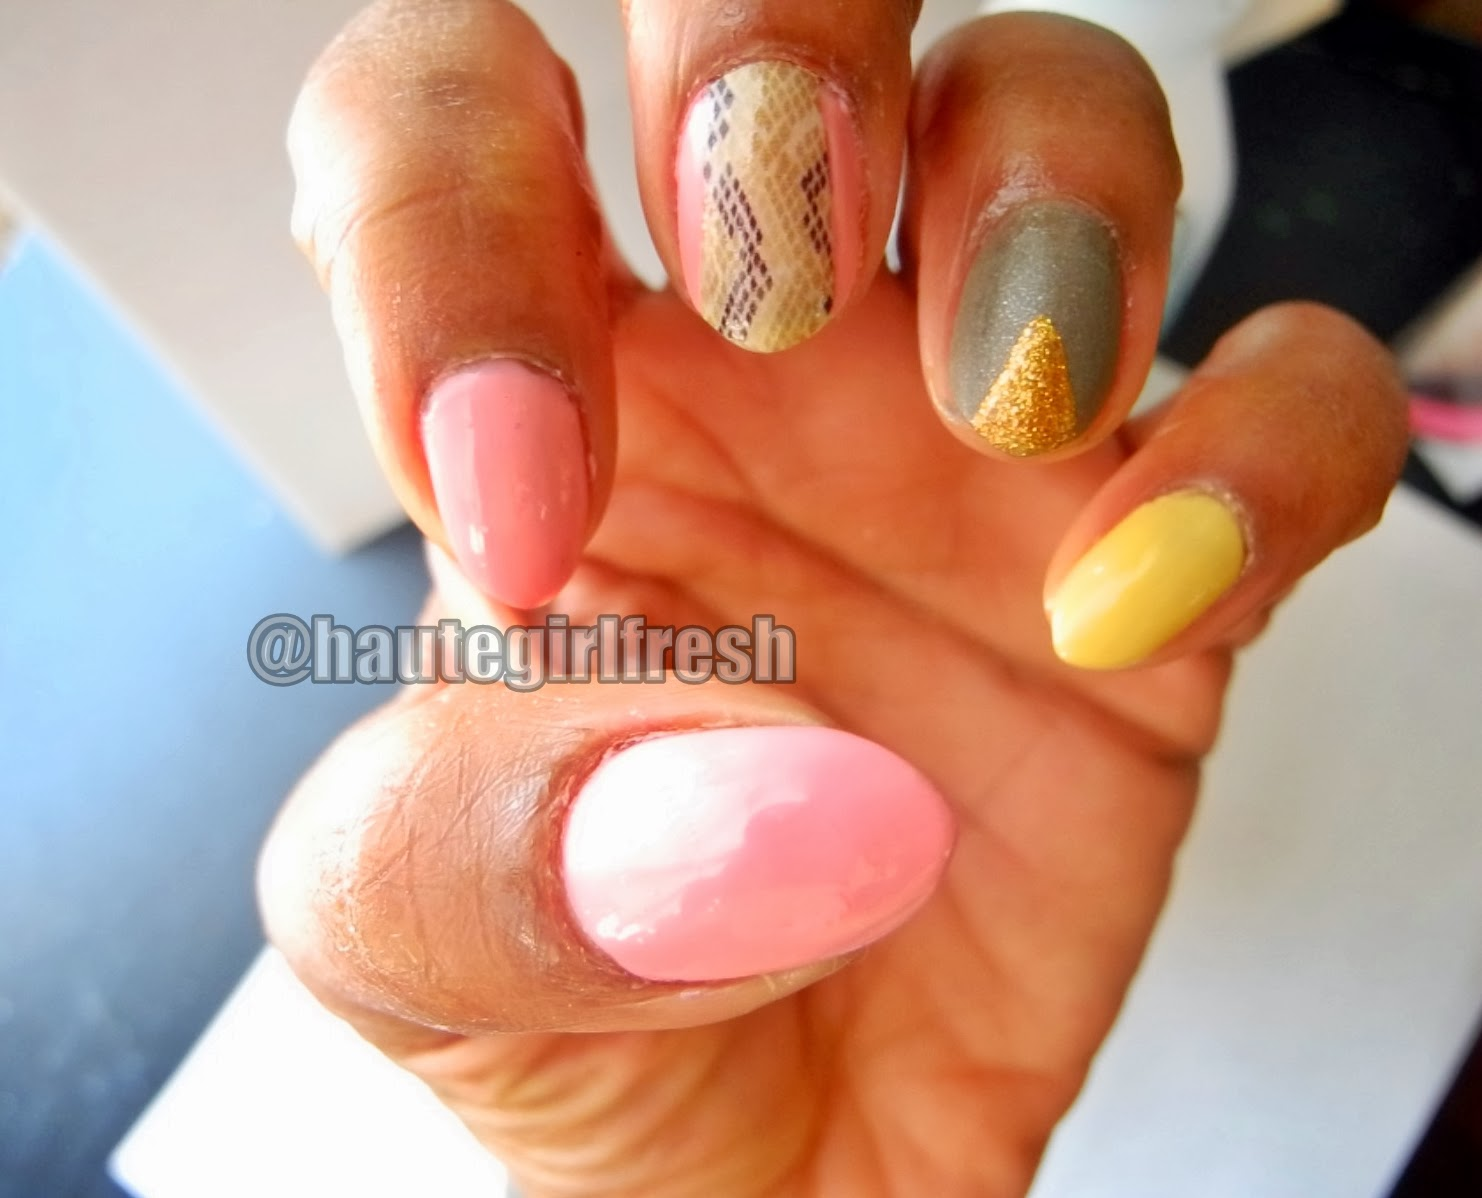 hautegirlfresh: #typeAjawn | MANIc Monday - Nails Inspired by Nicki ...